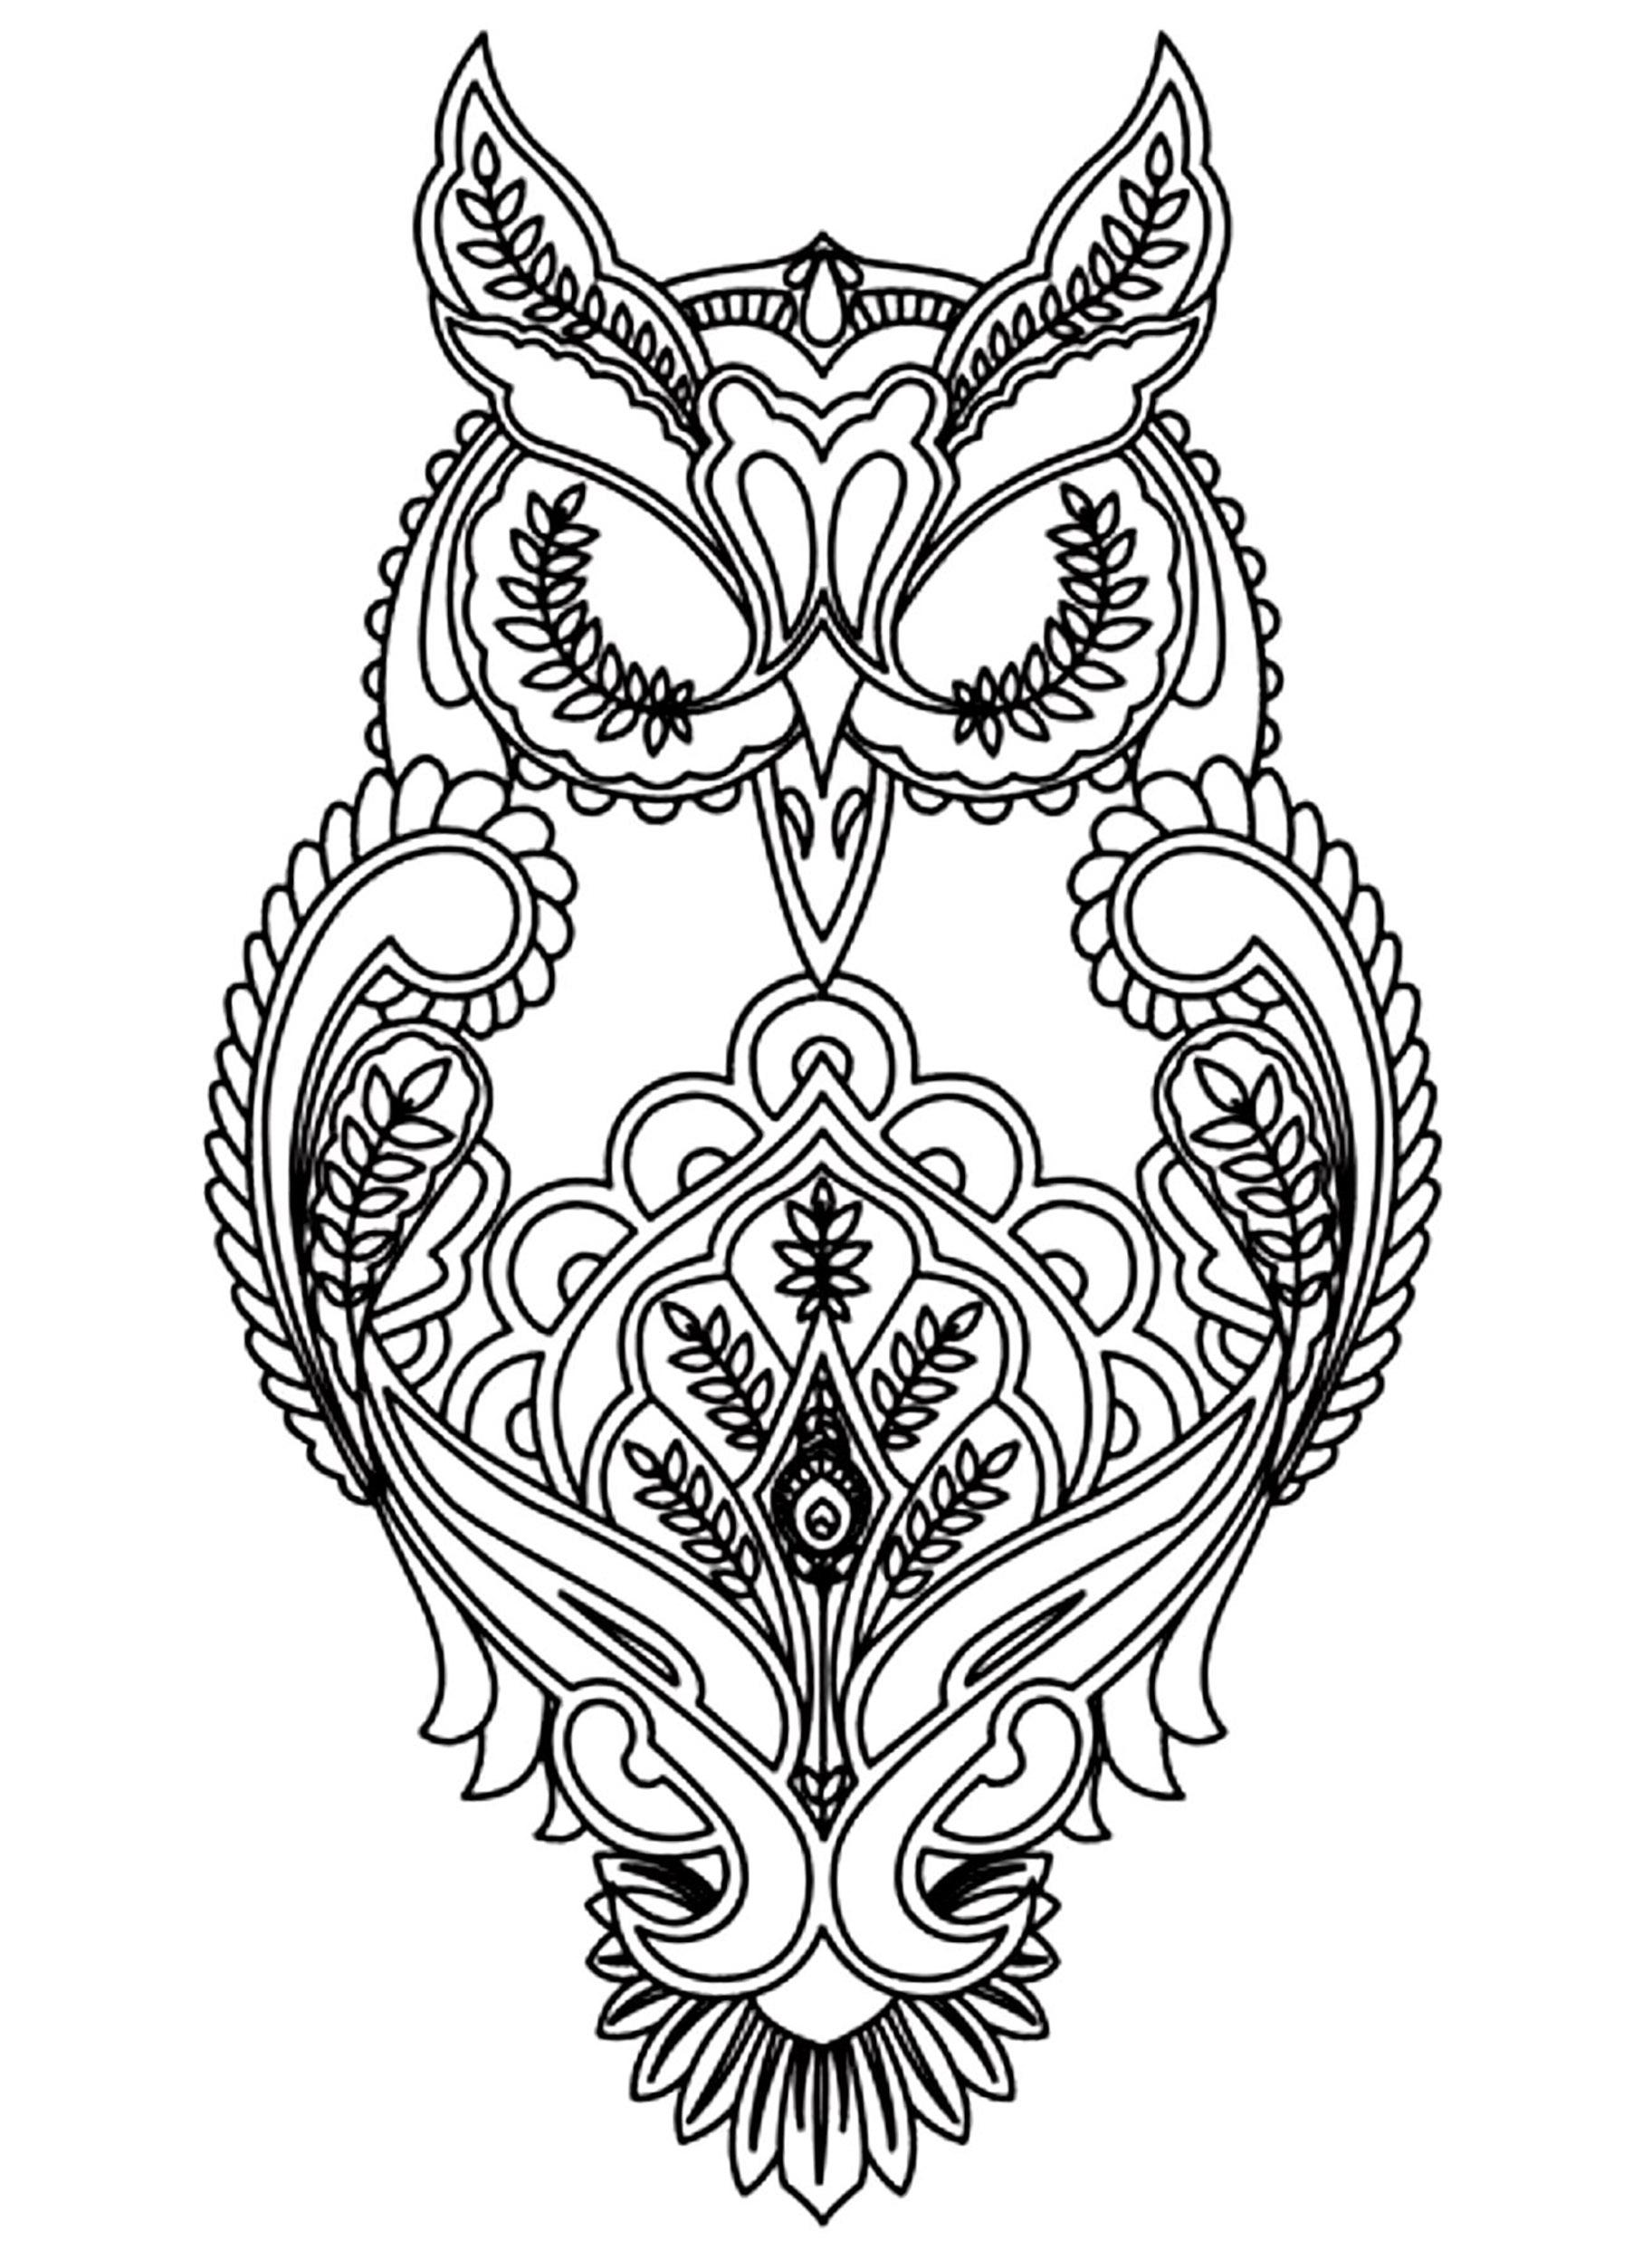 Coloriage de hiboux à imprimer - Coloriage de Hiboux ...